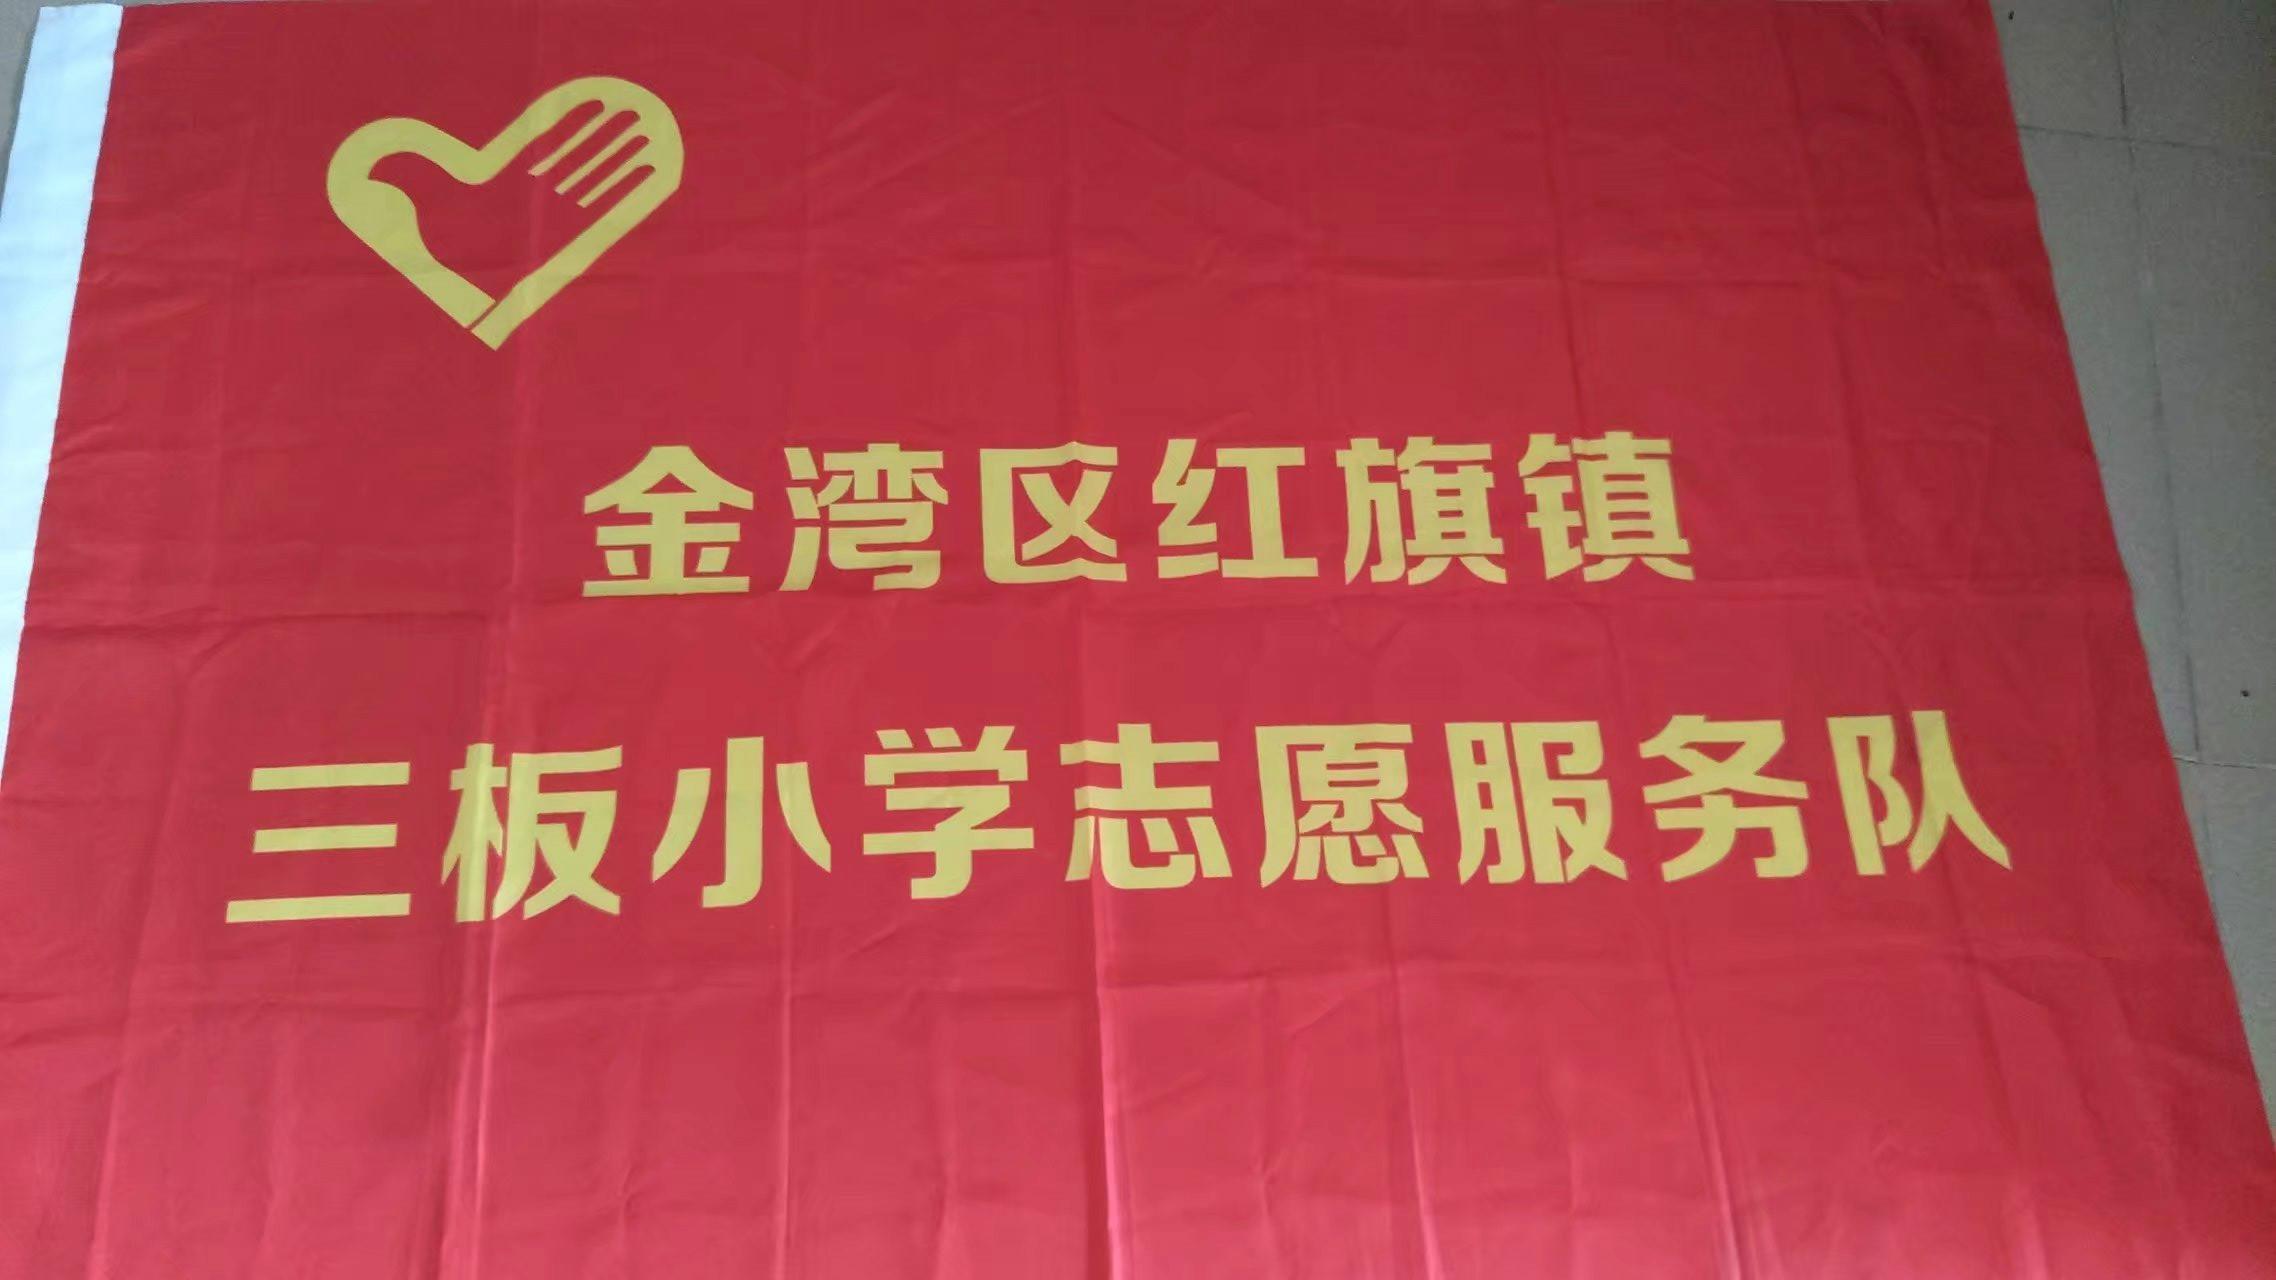 广东珠海市金湾区行政服务大厅